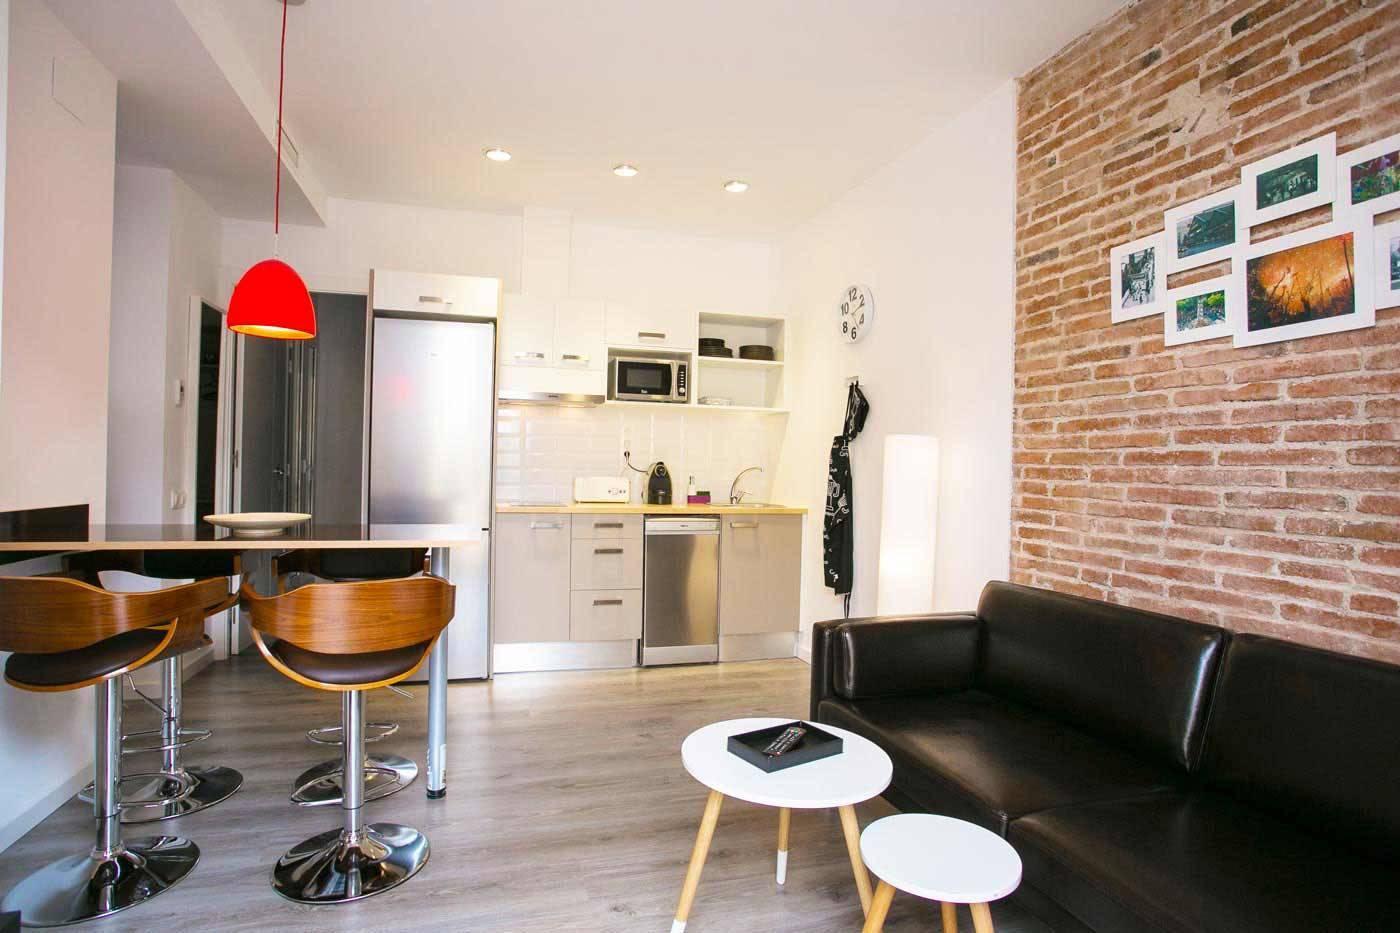 Les appartements deco sants fira des logements calmes et tout confort - Sejour port aventura pas cher ...